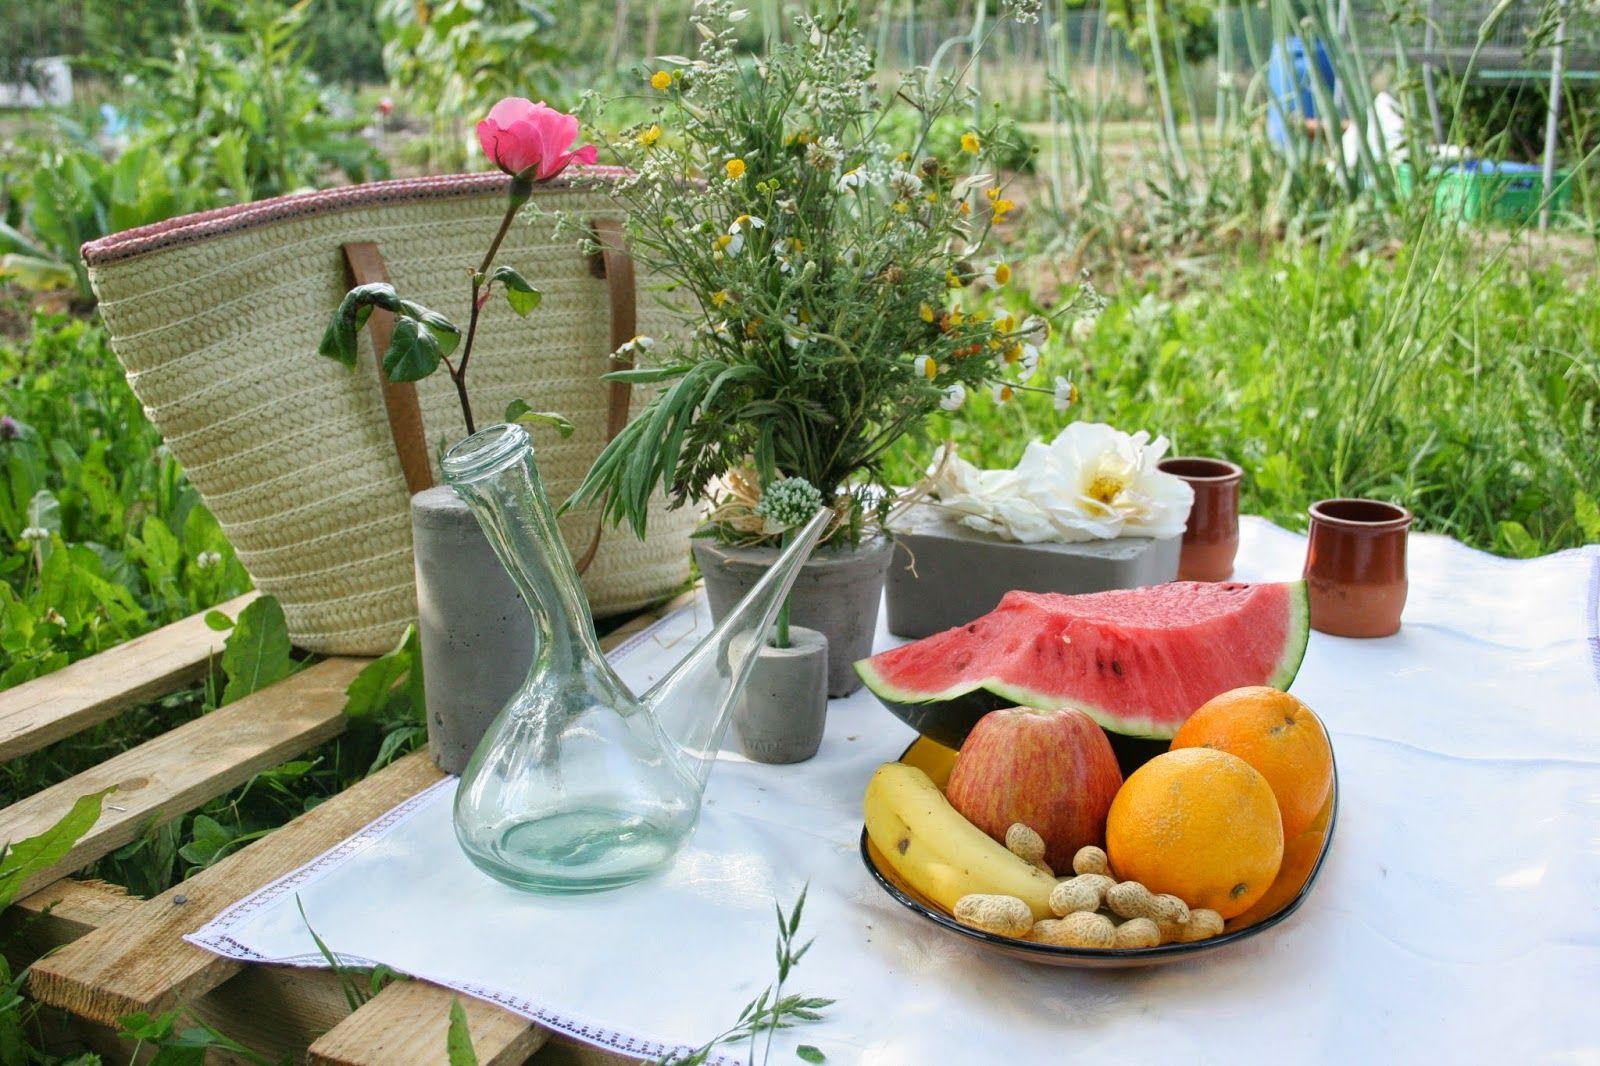 Diy floreros de cemento + picnic campestre sobre un palet   Decorar en familia   DEF Deco